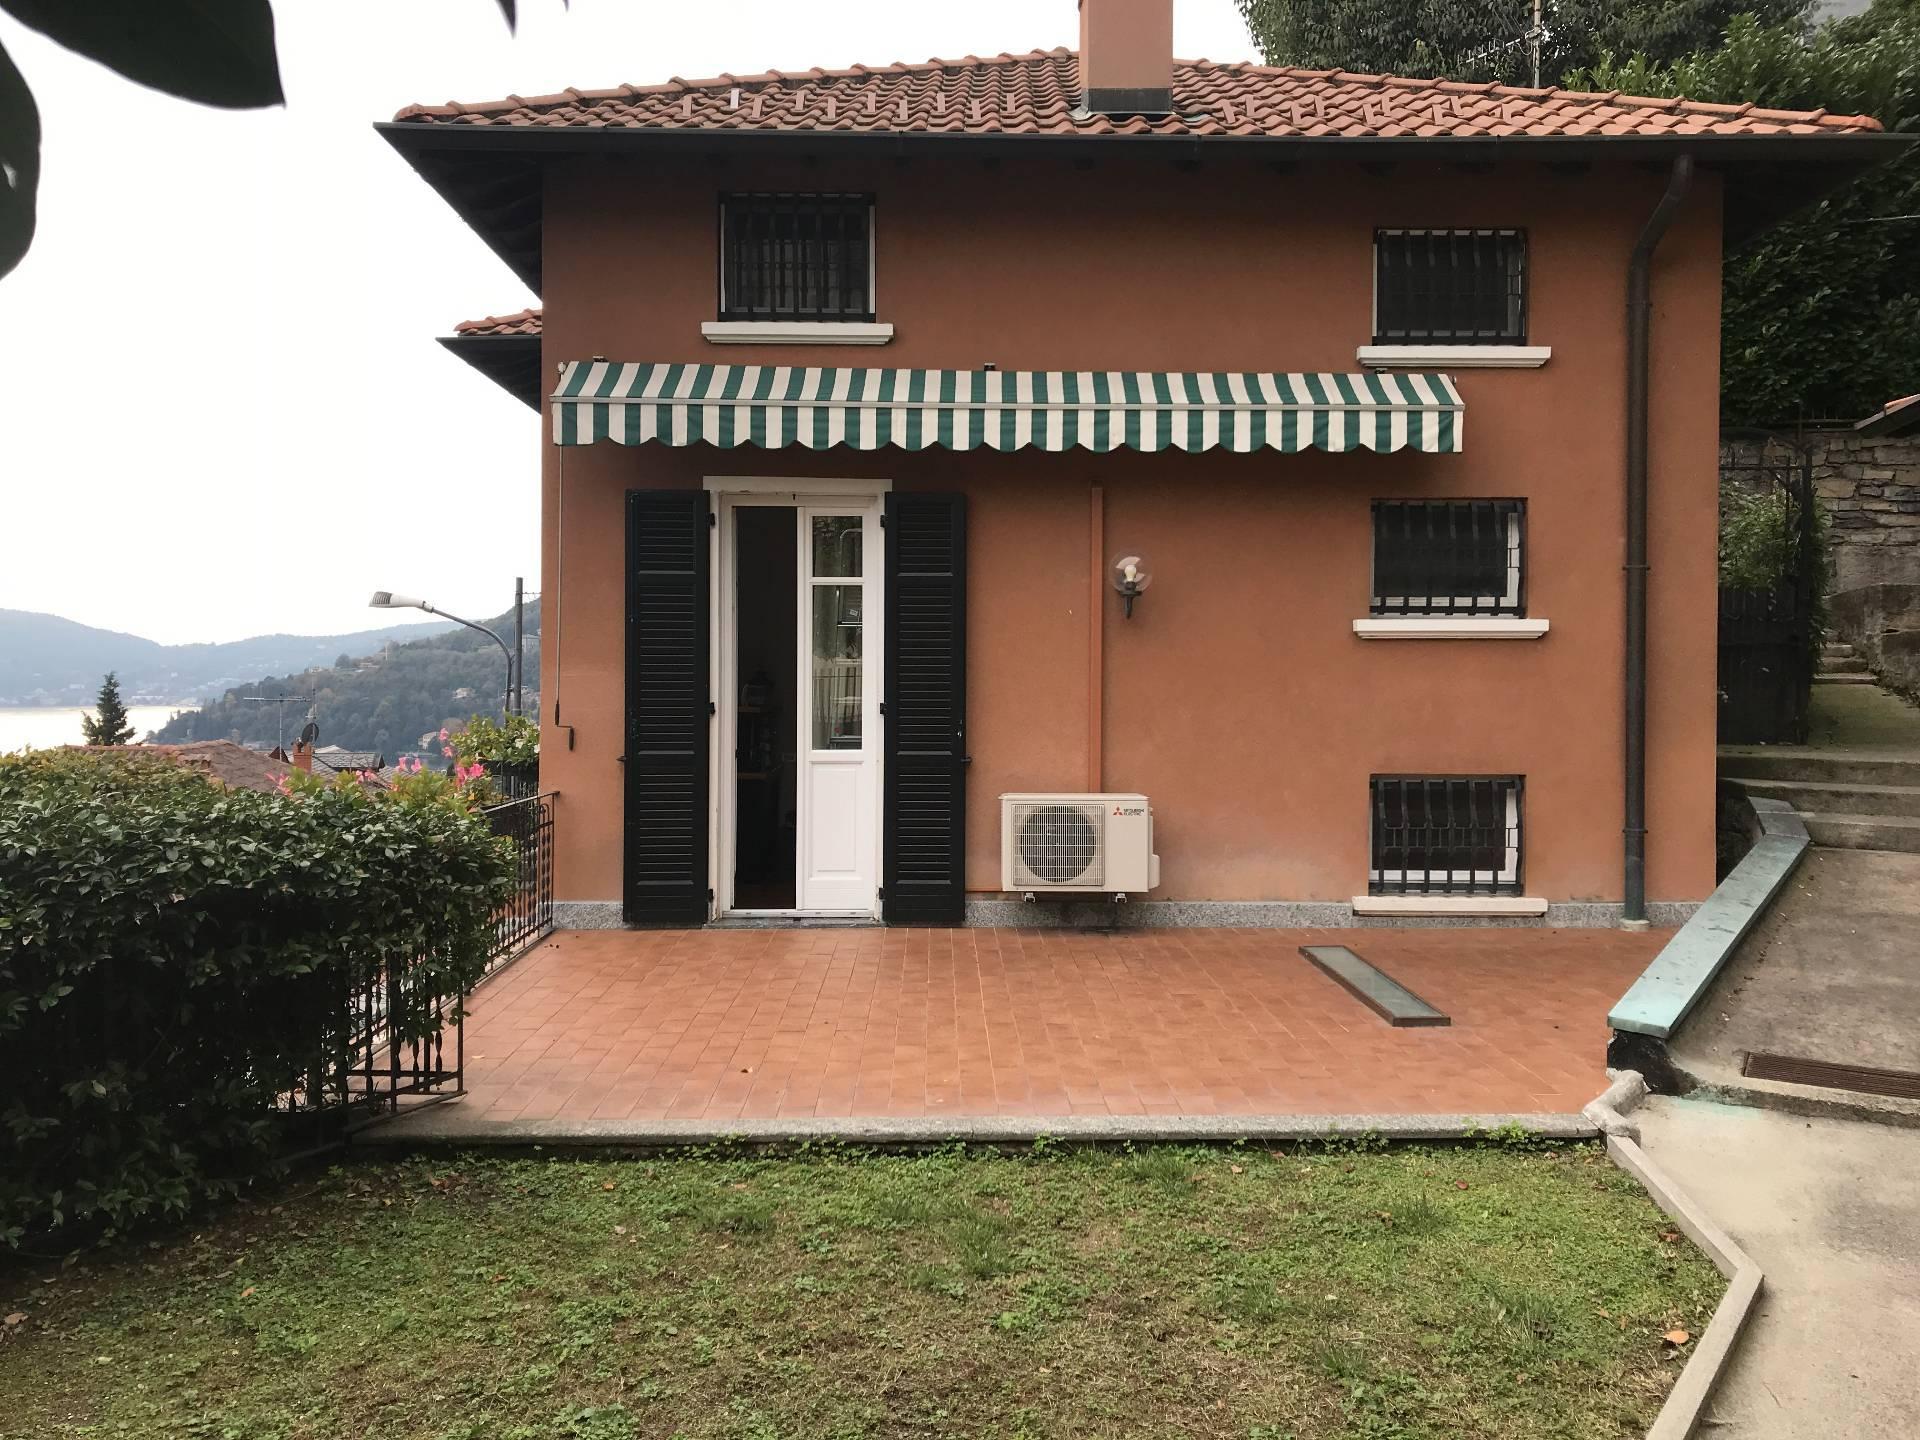 Villa in Vendita a Moltrasio: 5 locali, 230 mq - Foto 13